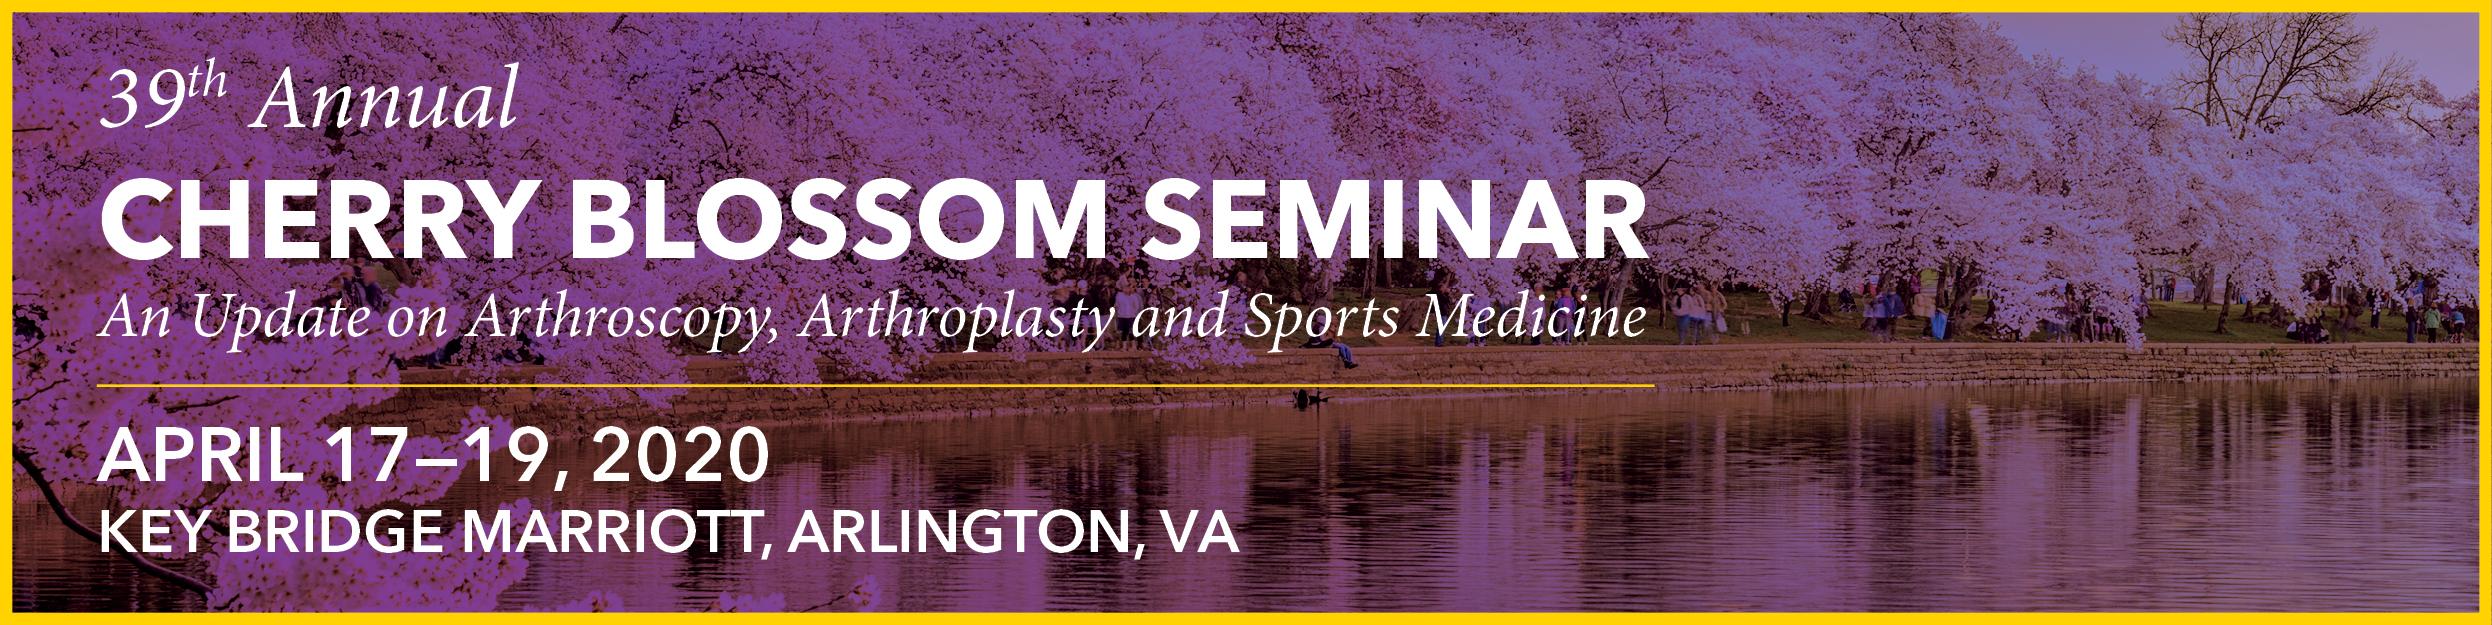 39th Annual Cherry Blossom Seminar Banner